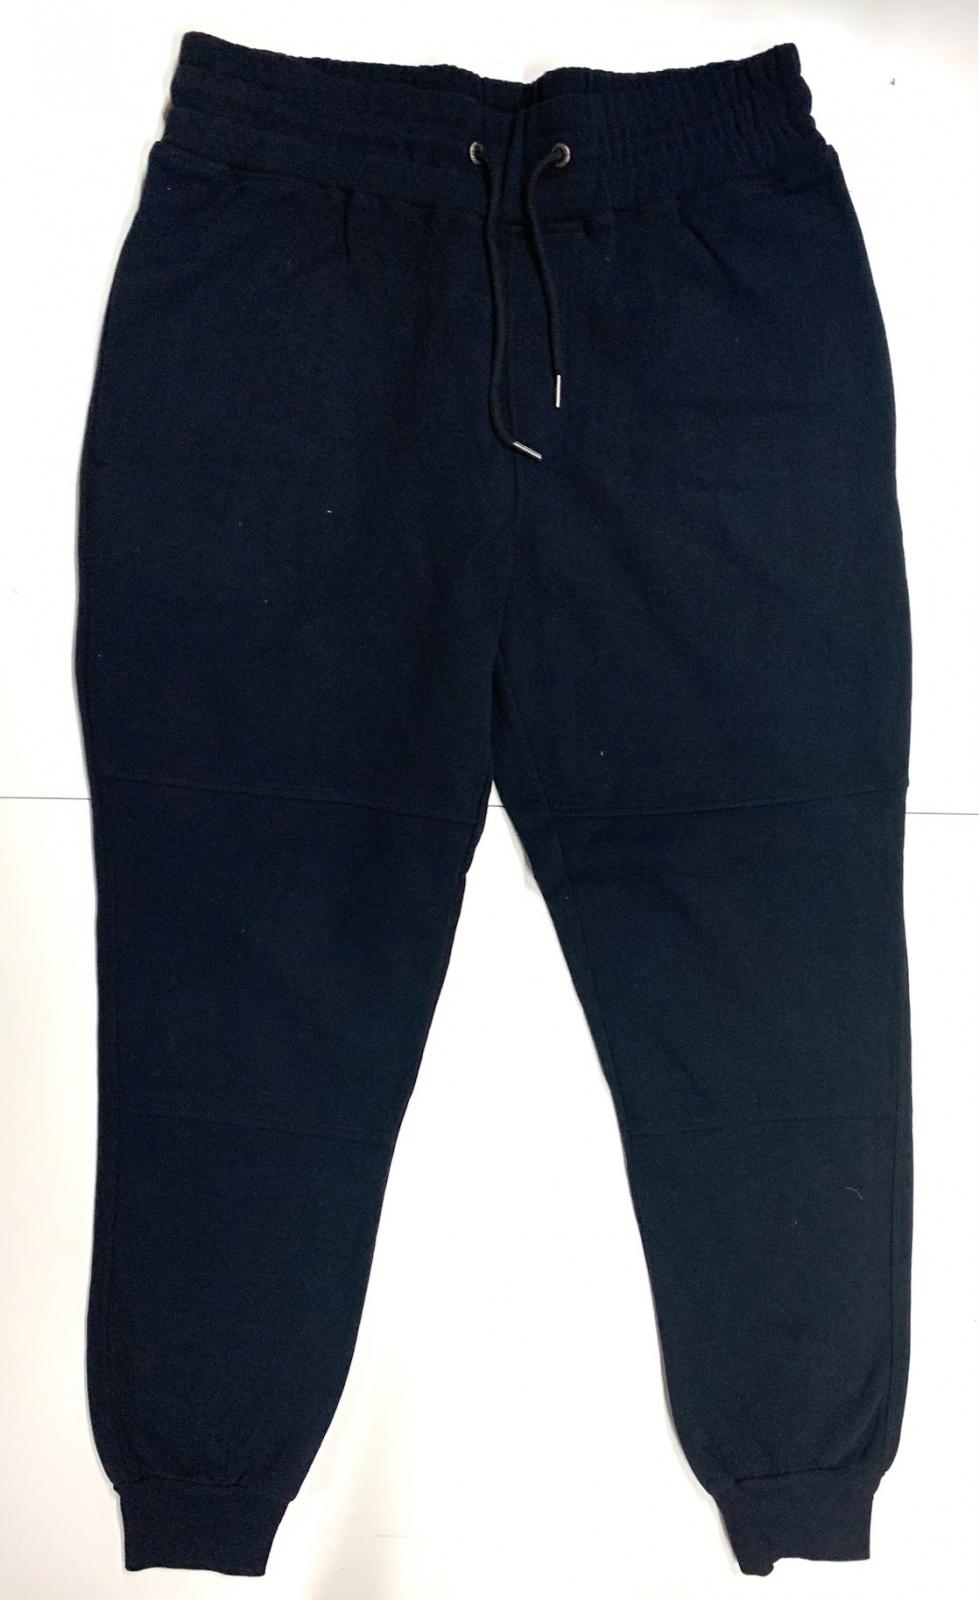 Теплые мужские штаны для спорта